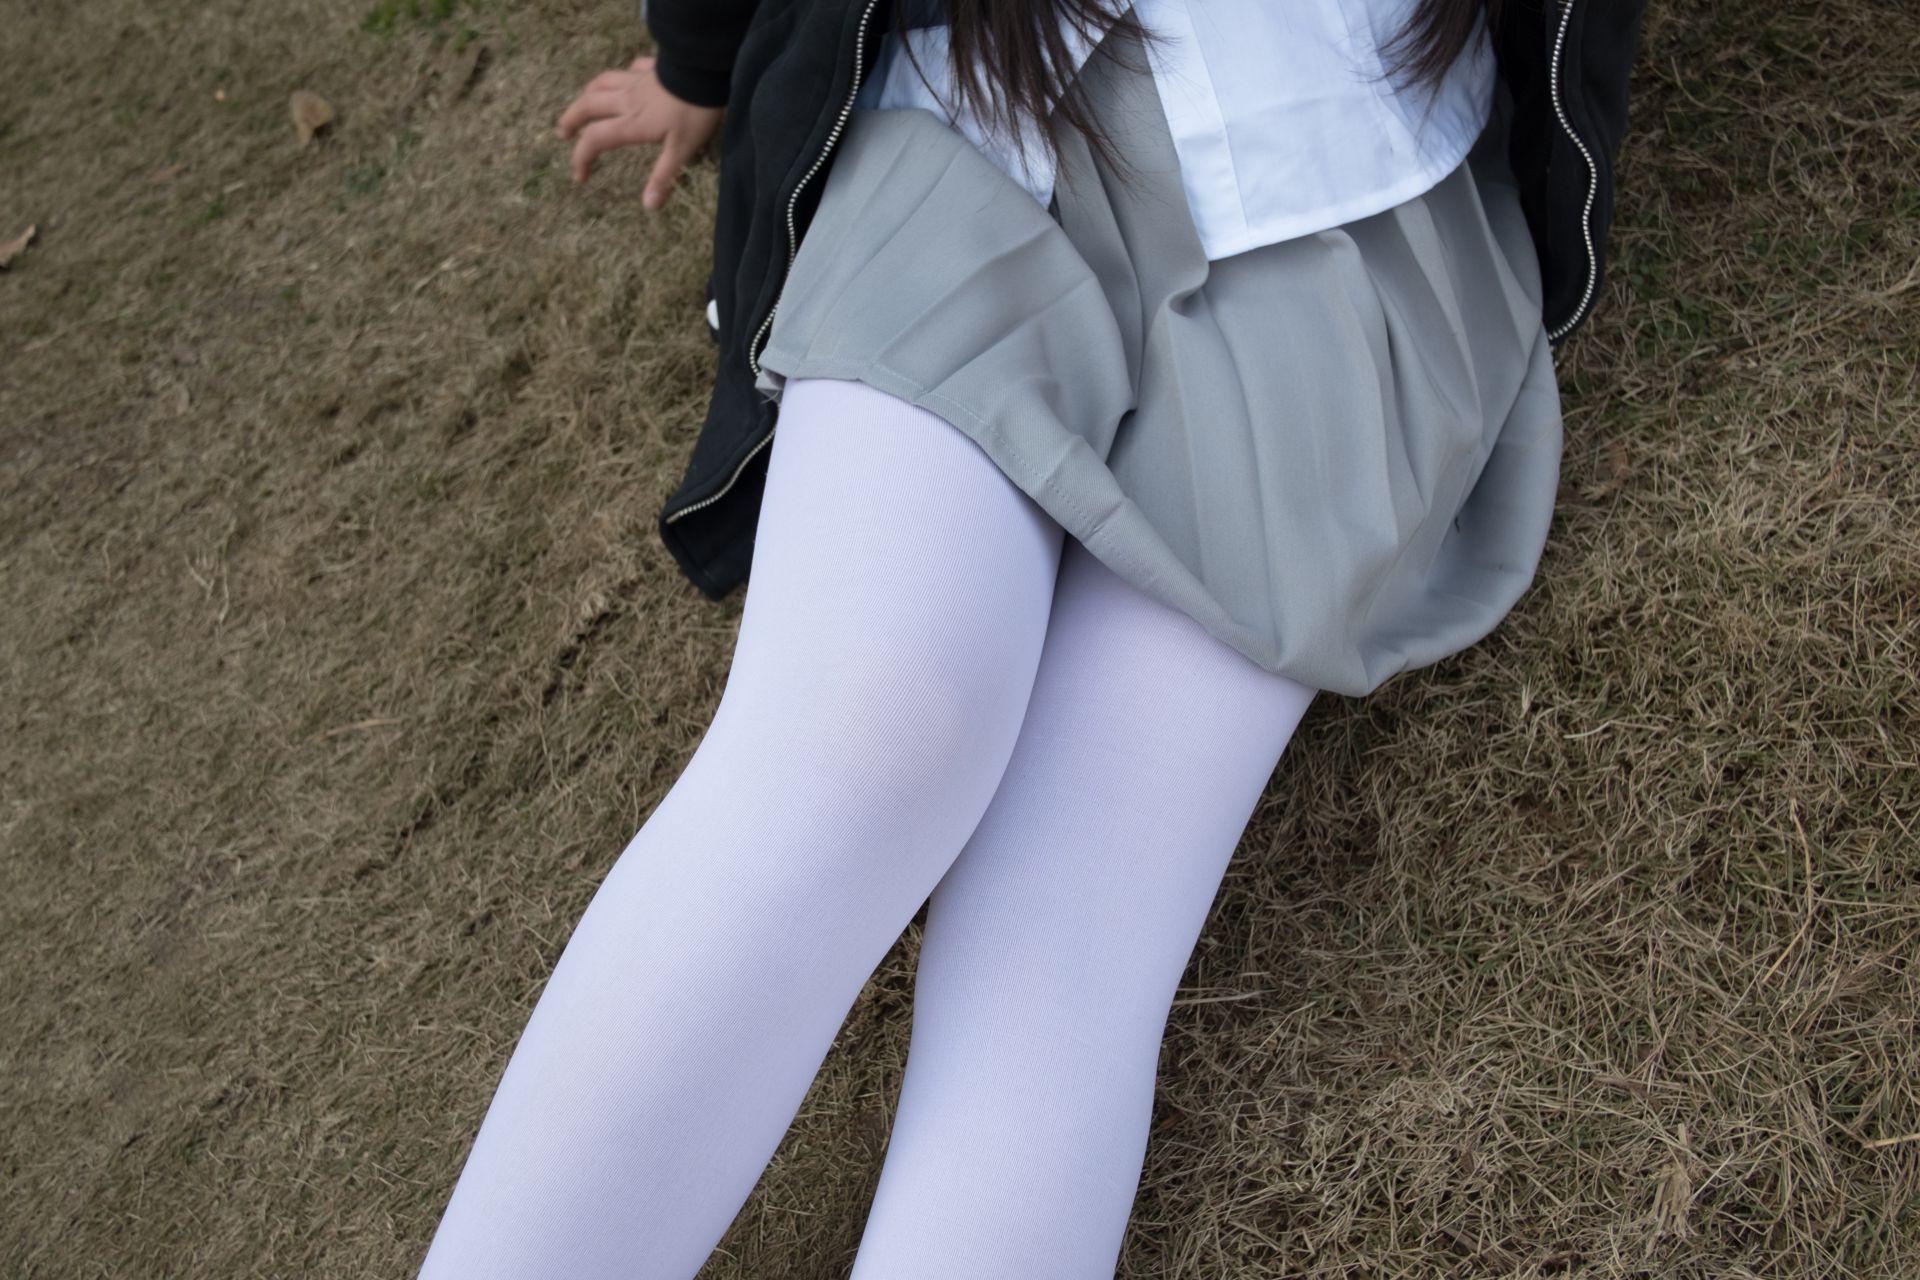 【森萝财团】森萝财团写真 - BETA-012 户外丝足秀 [63P-407MB] BETA系列 第2张